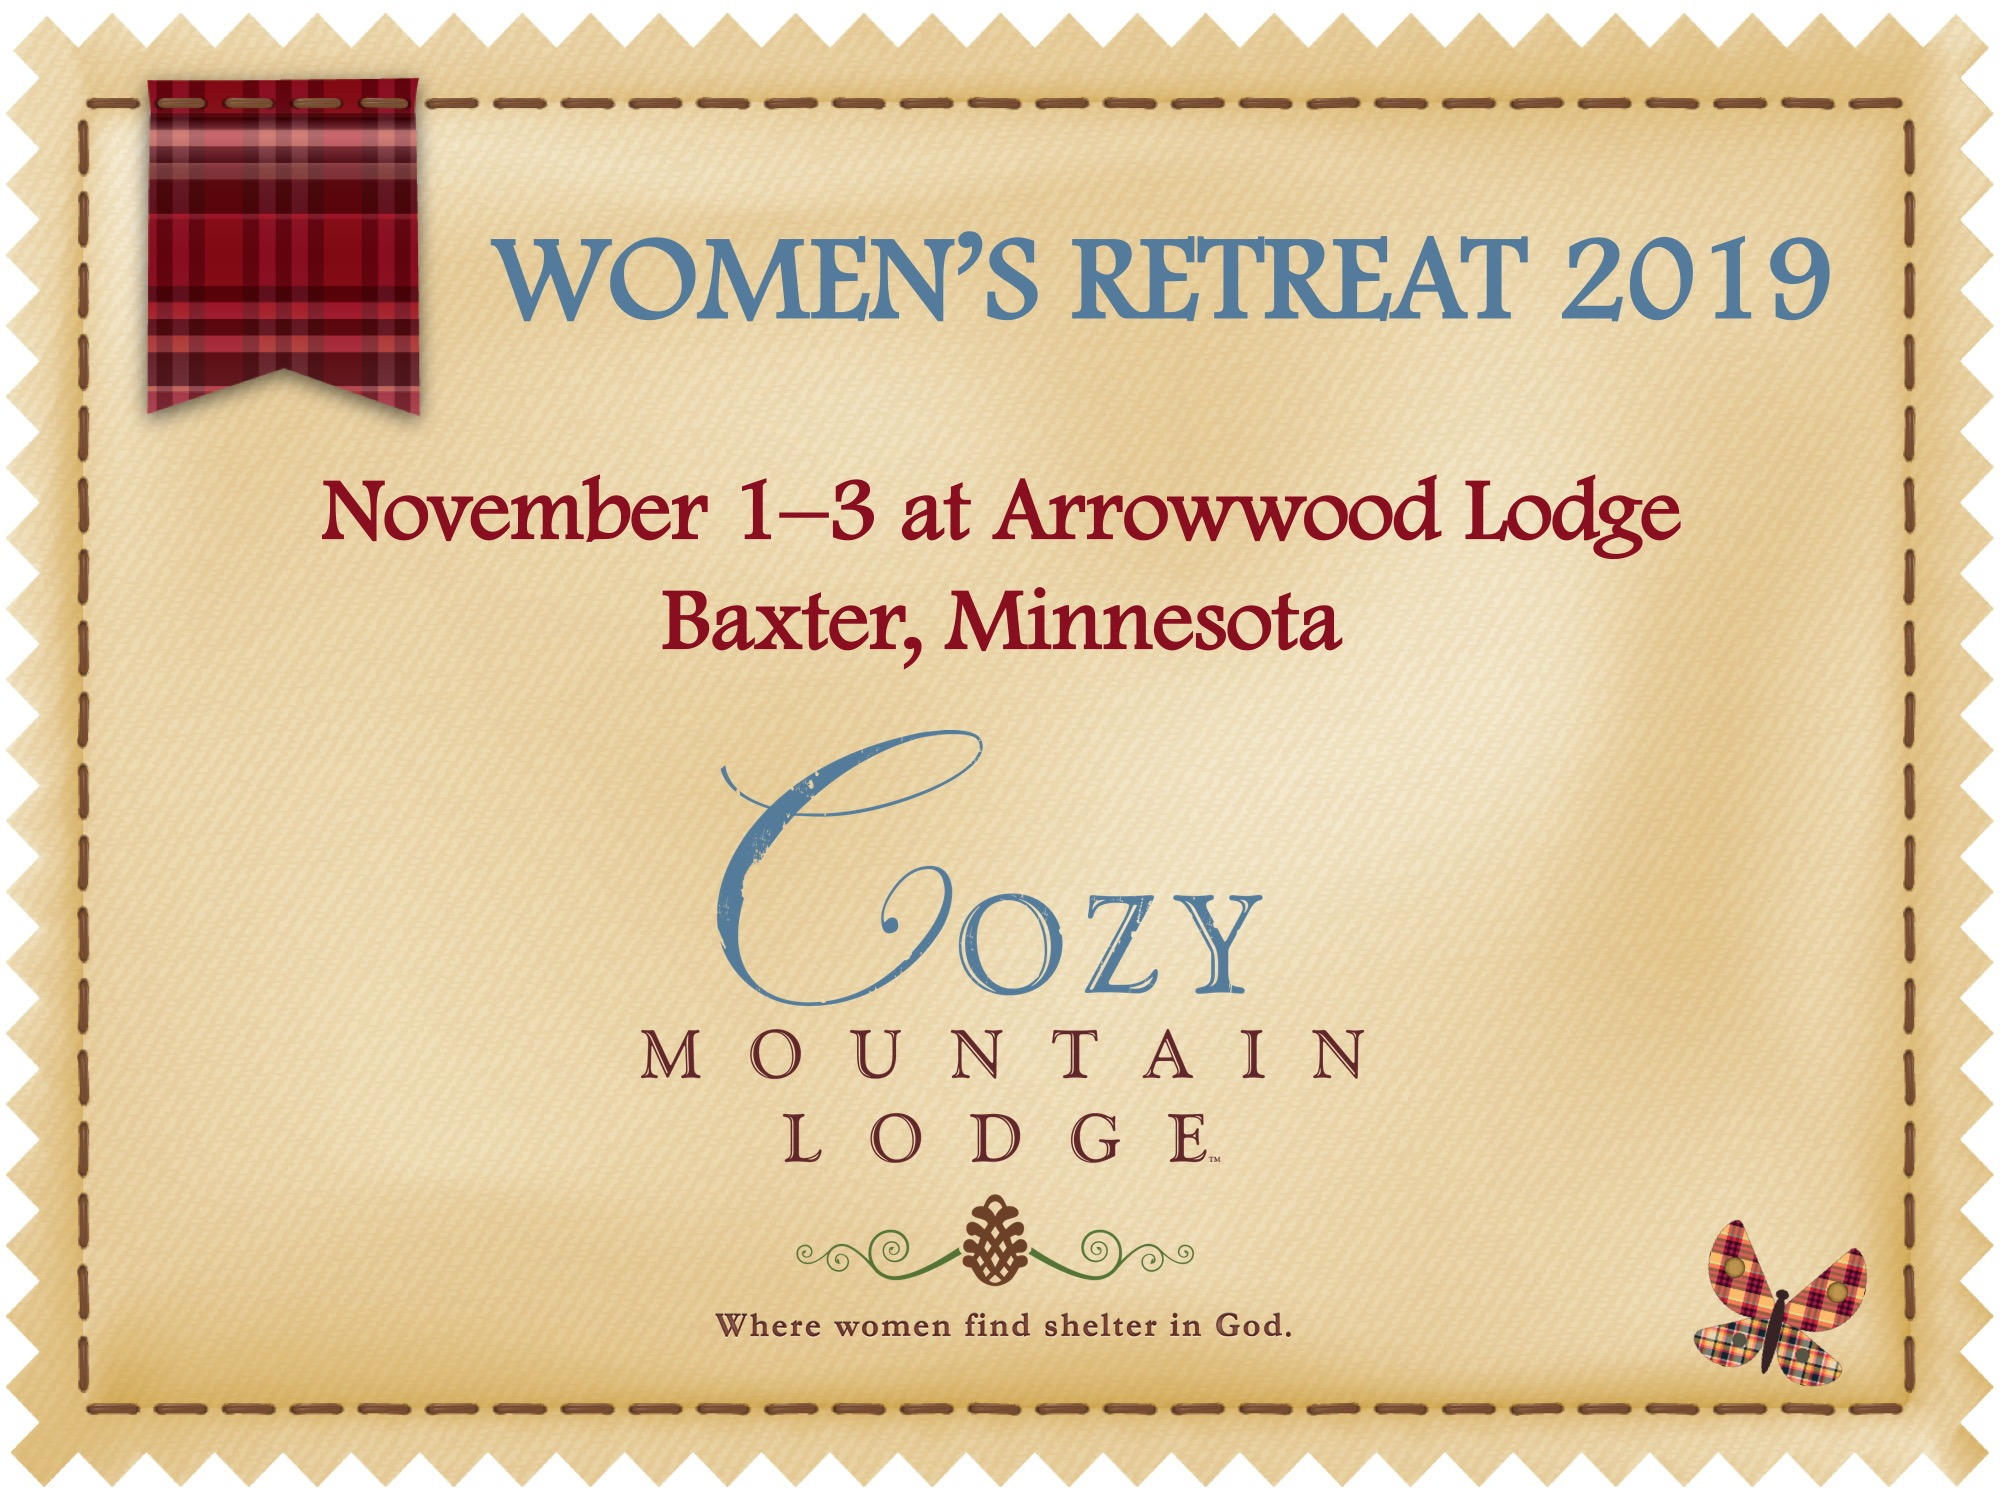 Women's Retreat 2019 General.jpg